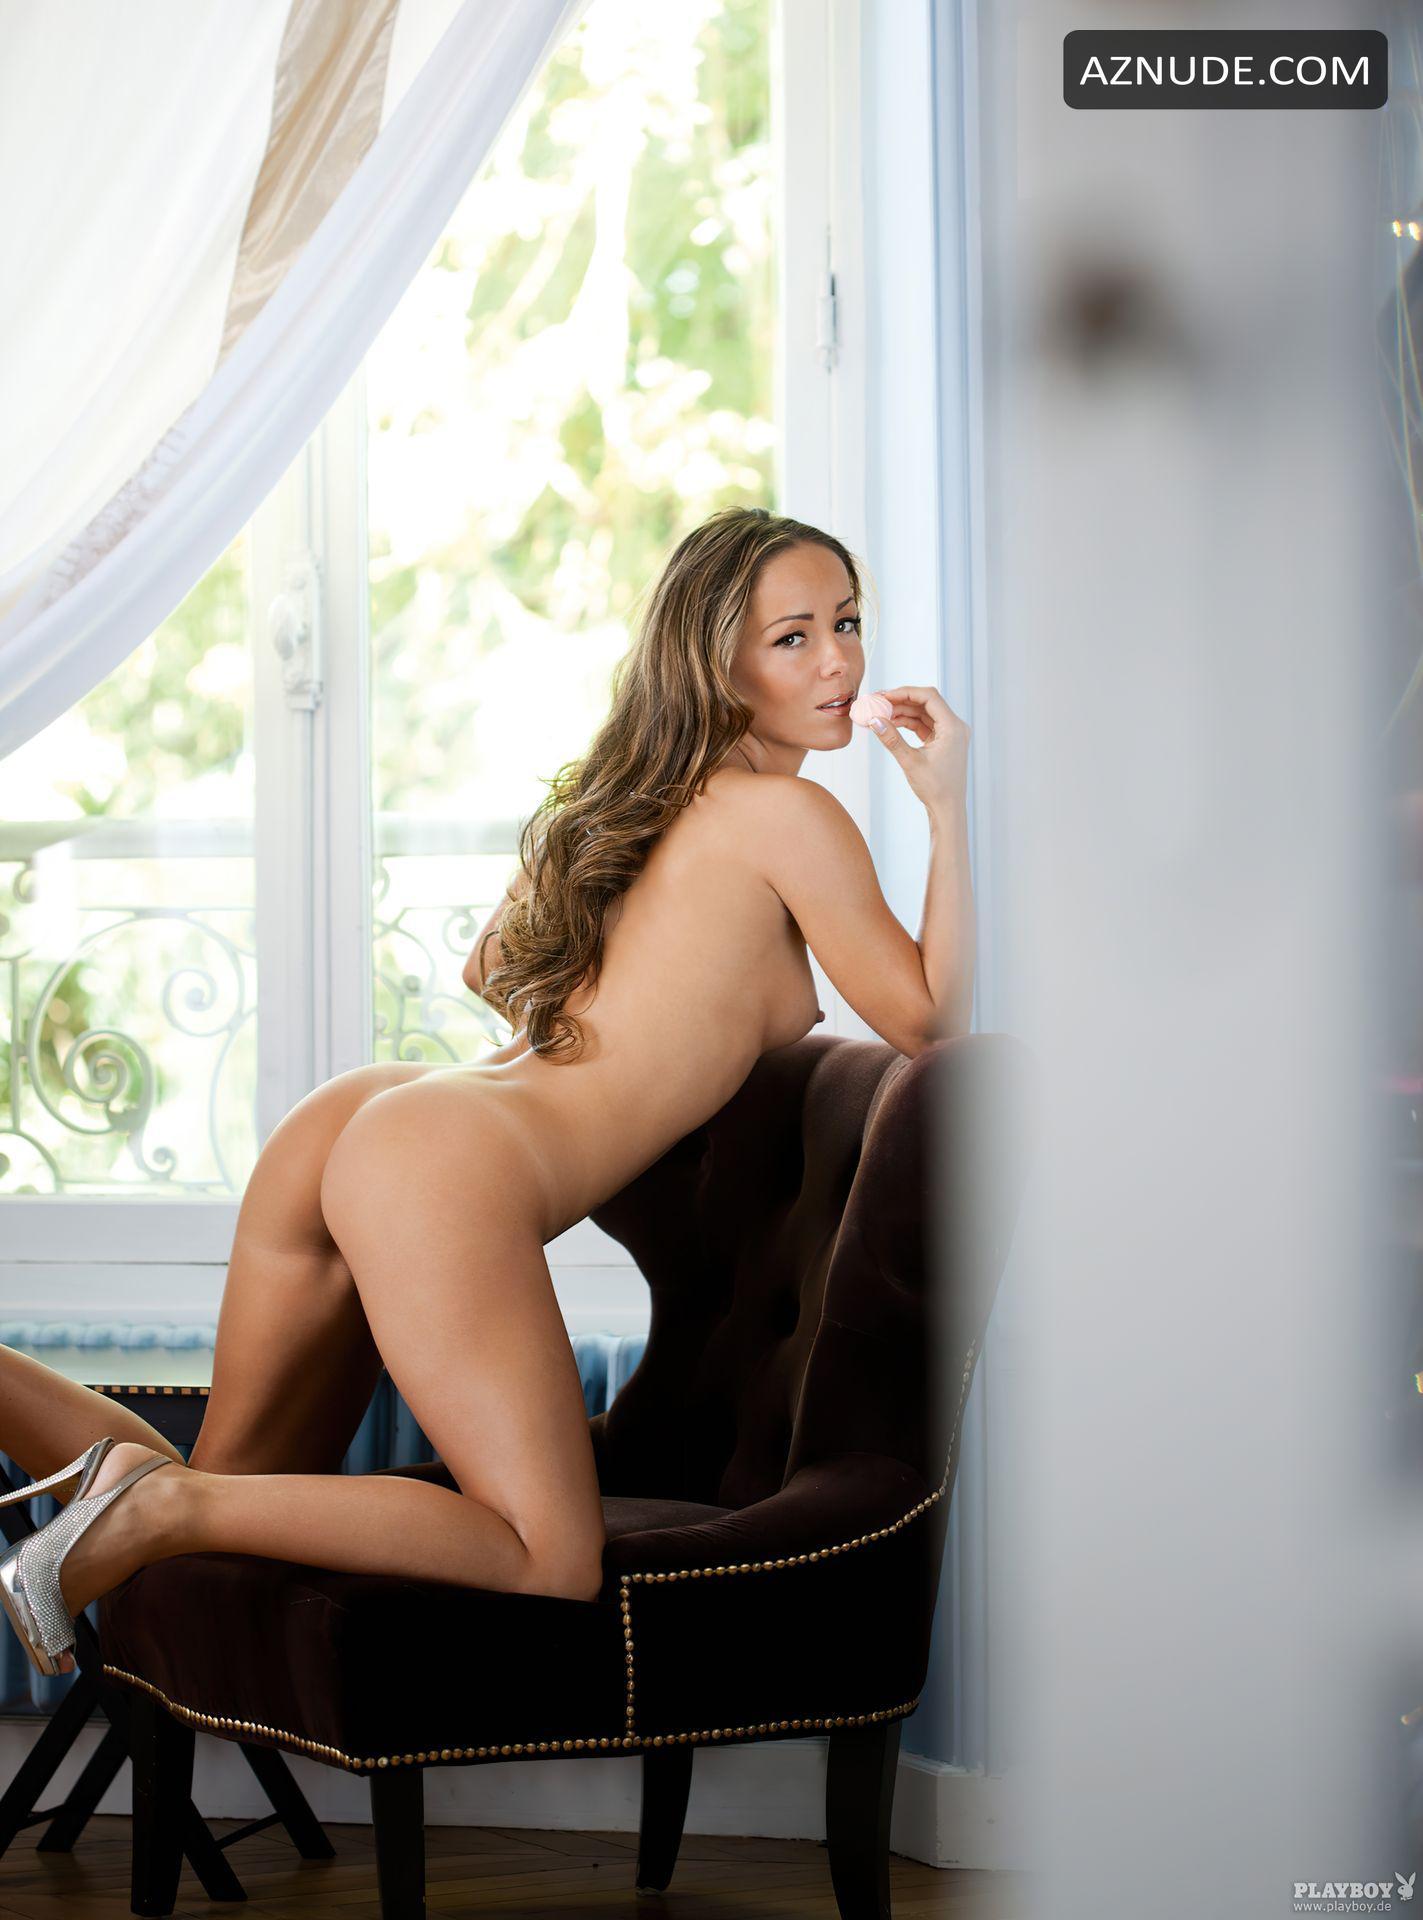 Nackt  Nathalie Cassegrain Nathalie Cassegrain